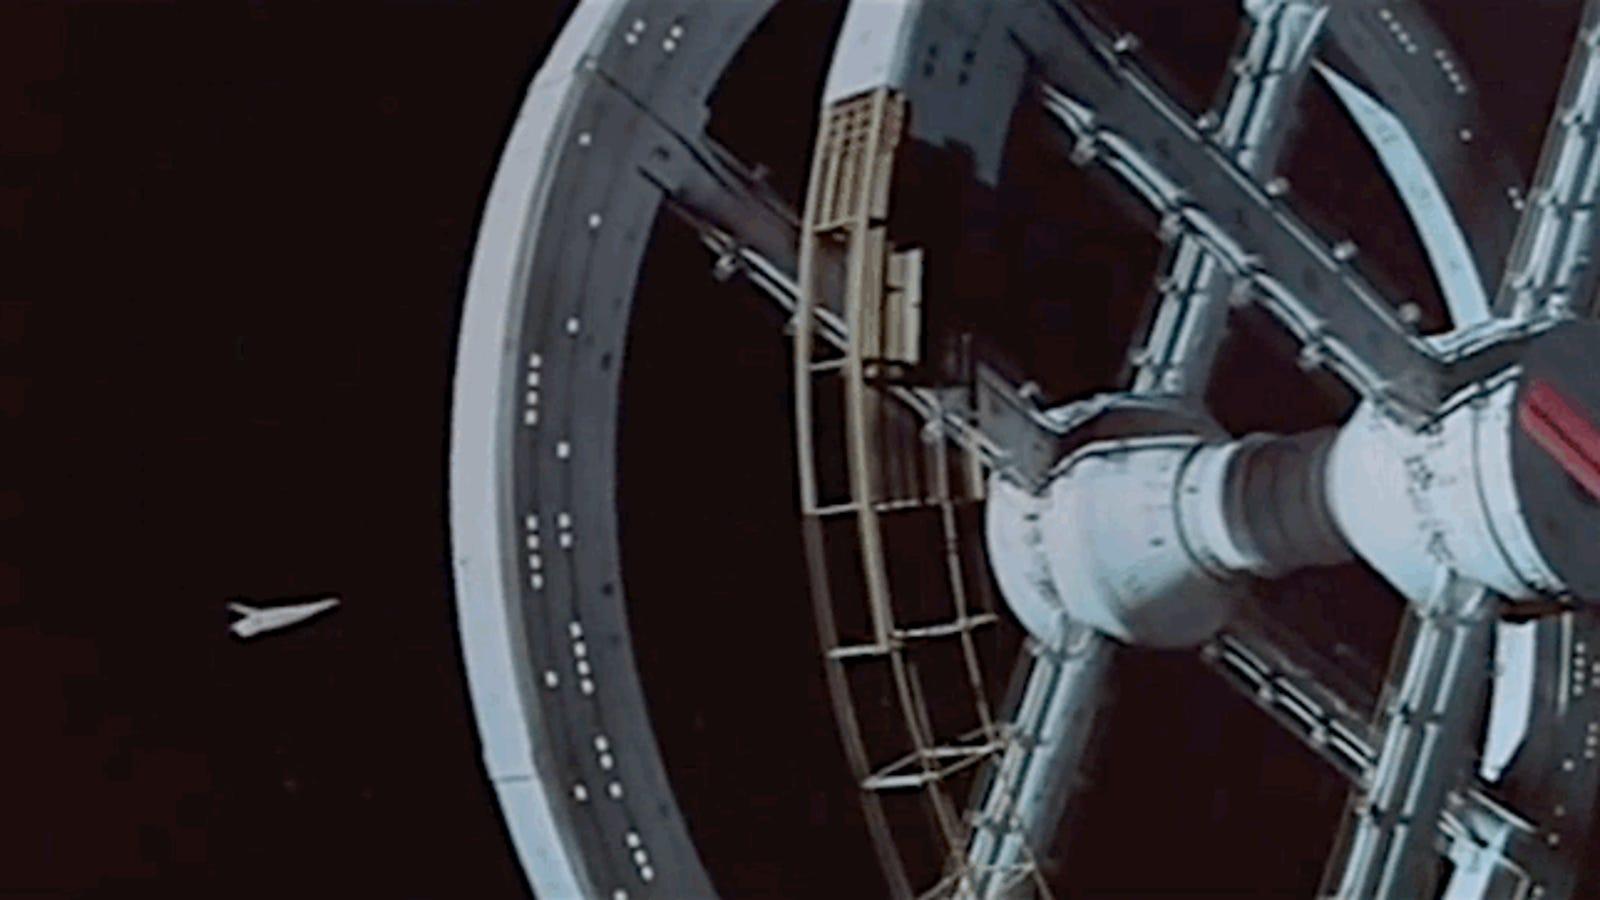 La ciencia detr s de la gravedad artificial que aparece en for Espejo q aparece en una pelicula